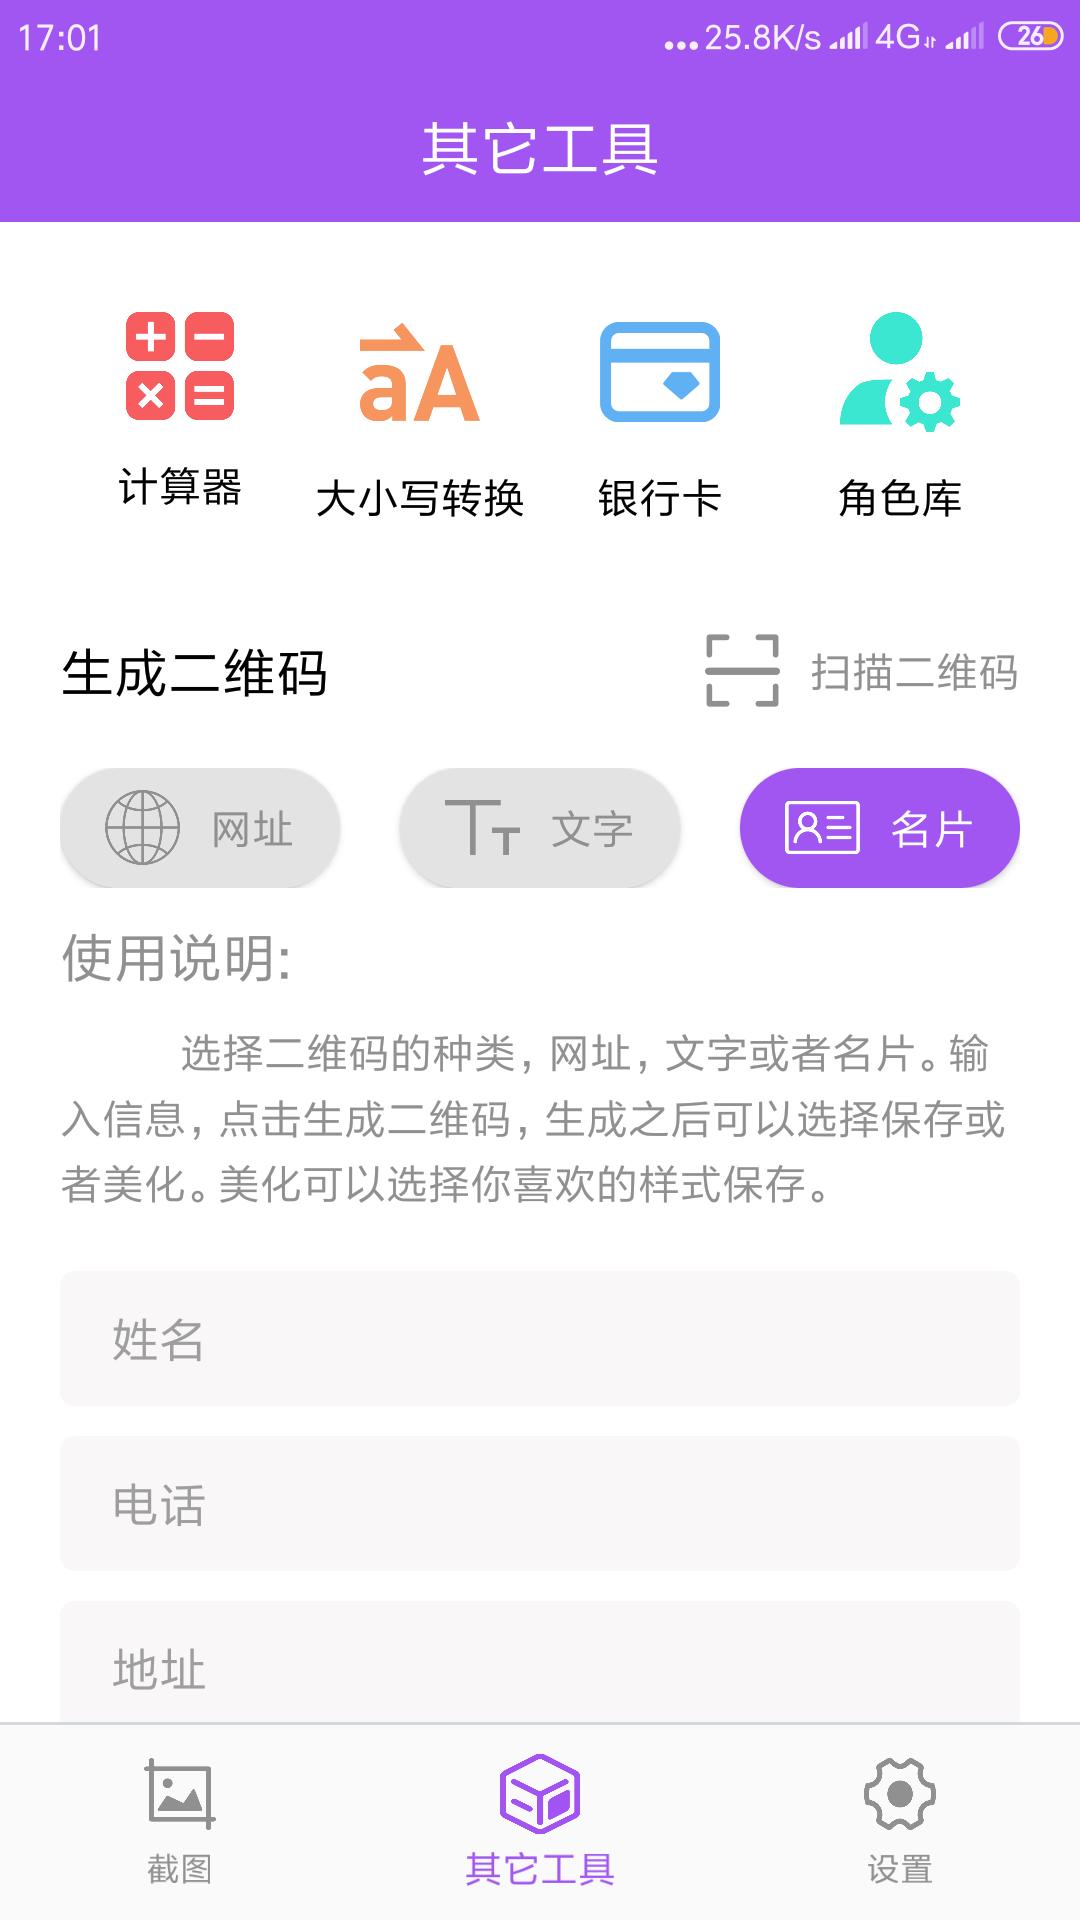 微商截图大师 5.4.7最新脱壳免登录会员版